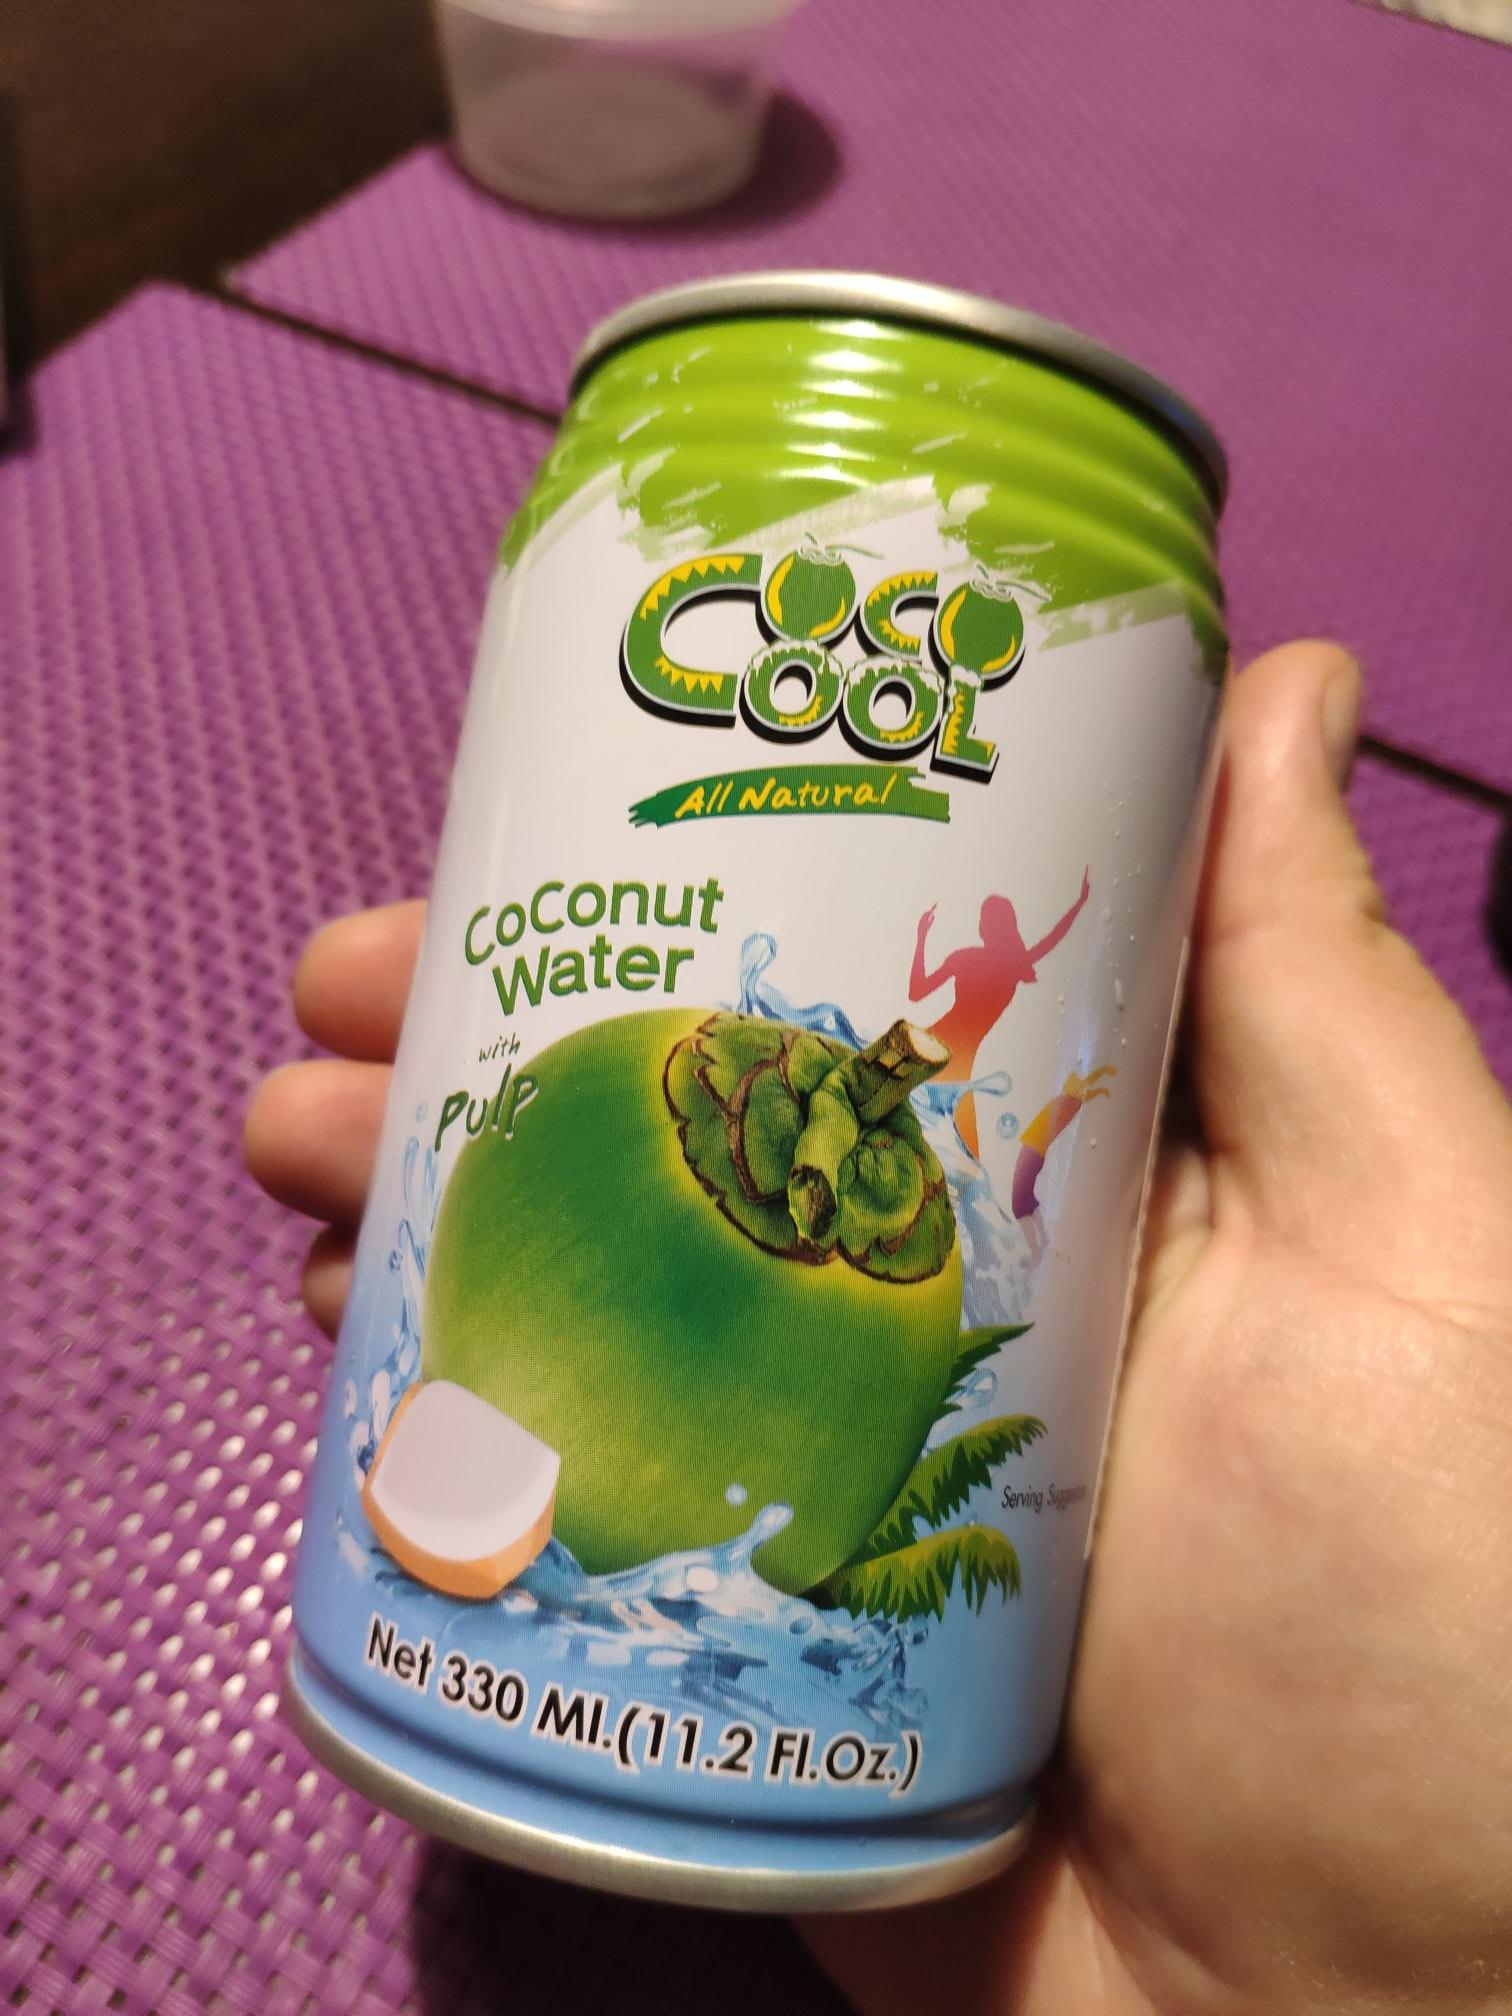 Woda kokosowa Coco Cool 0,33l. Wyprzedaż w Piotr i Paweł